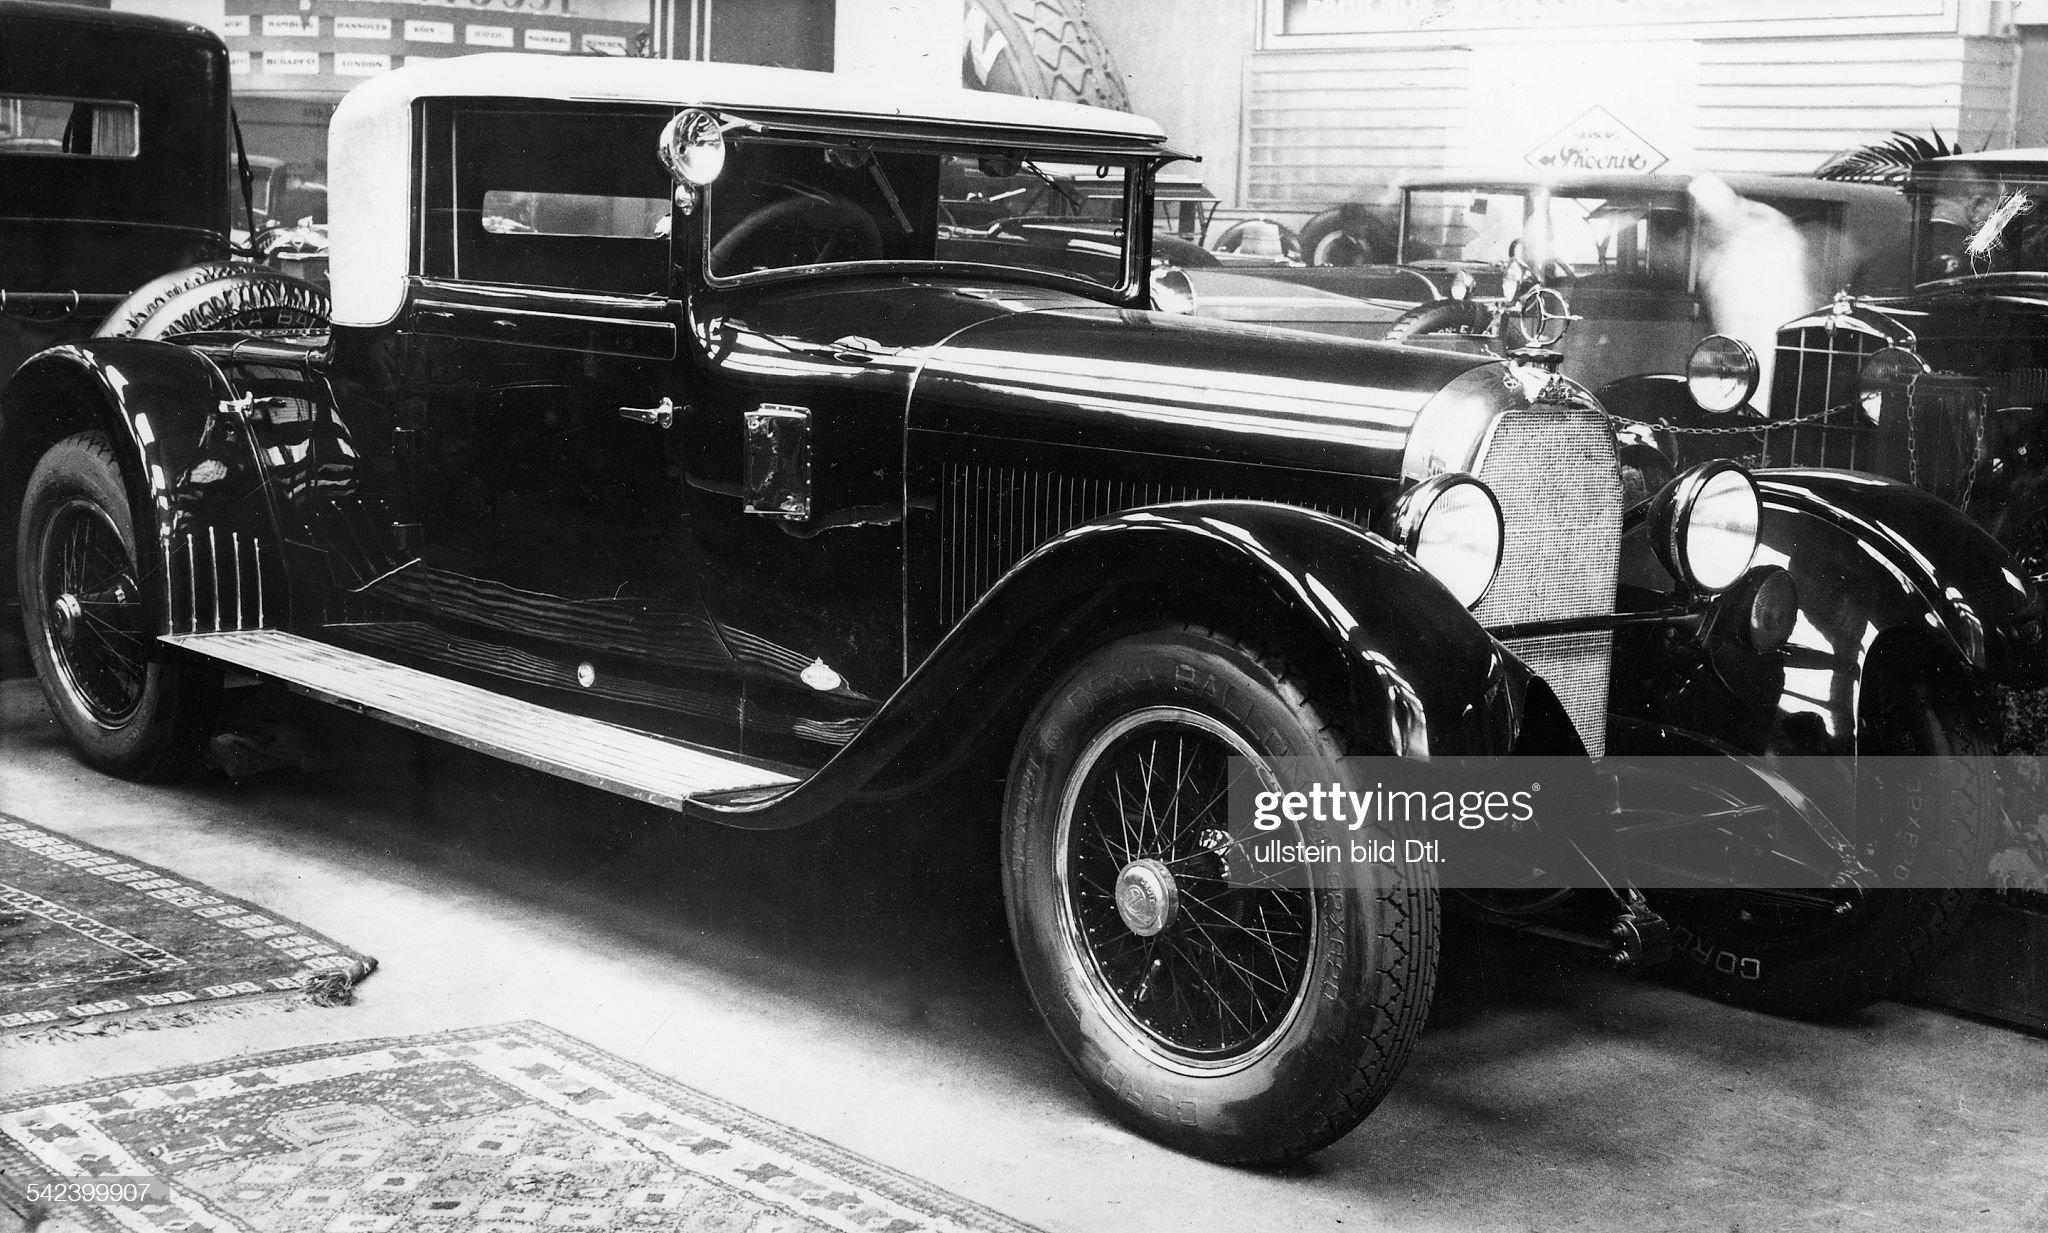 Kabriolett von Austro - Daimler : News Photo